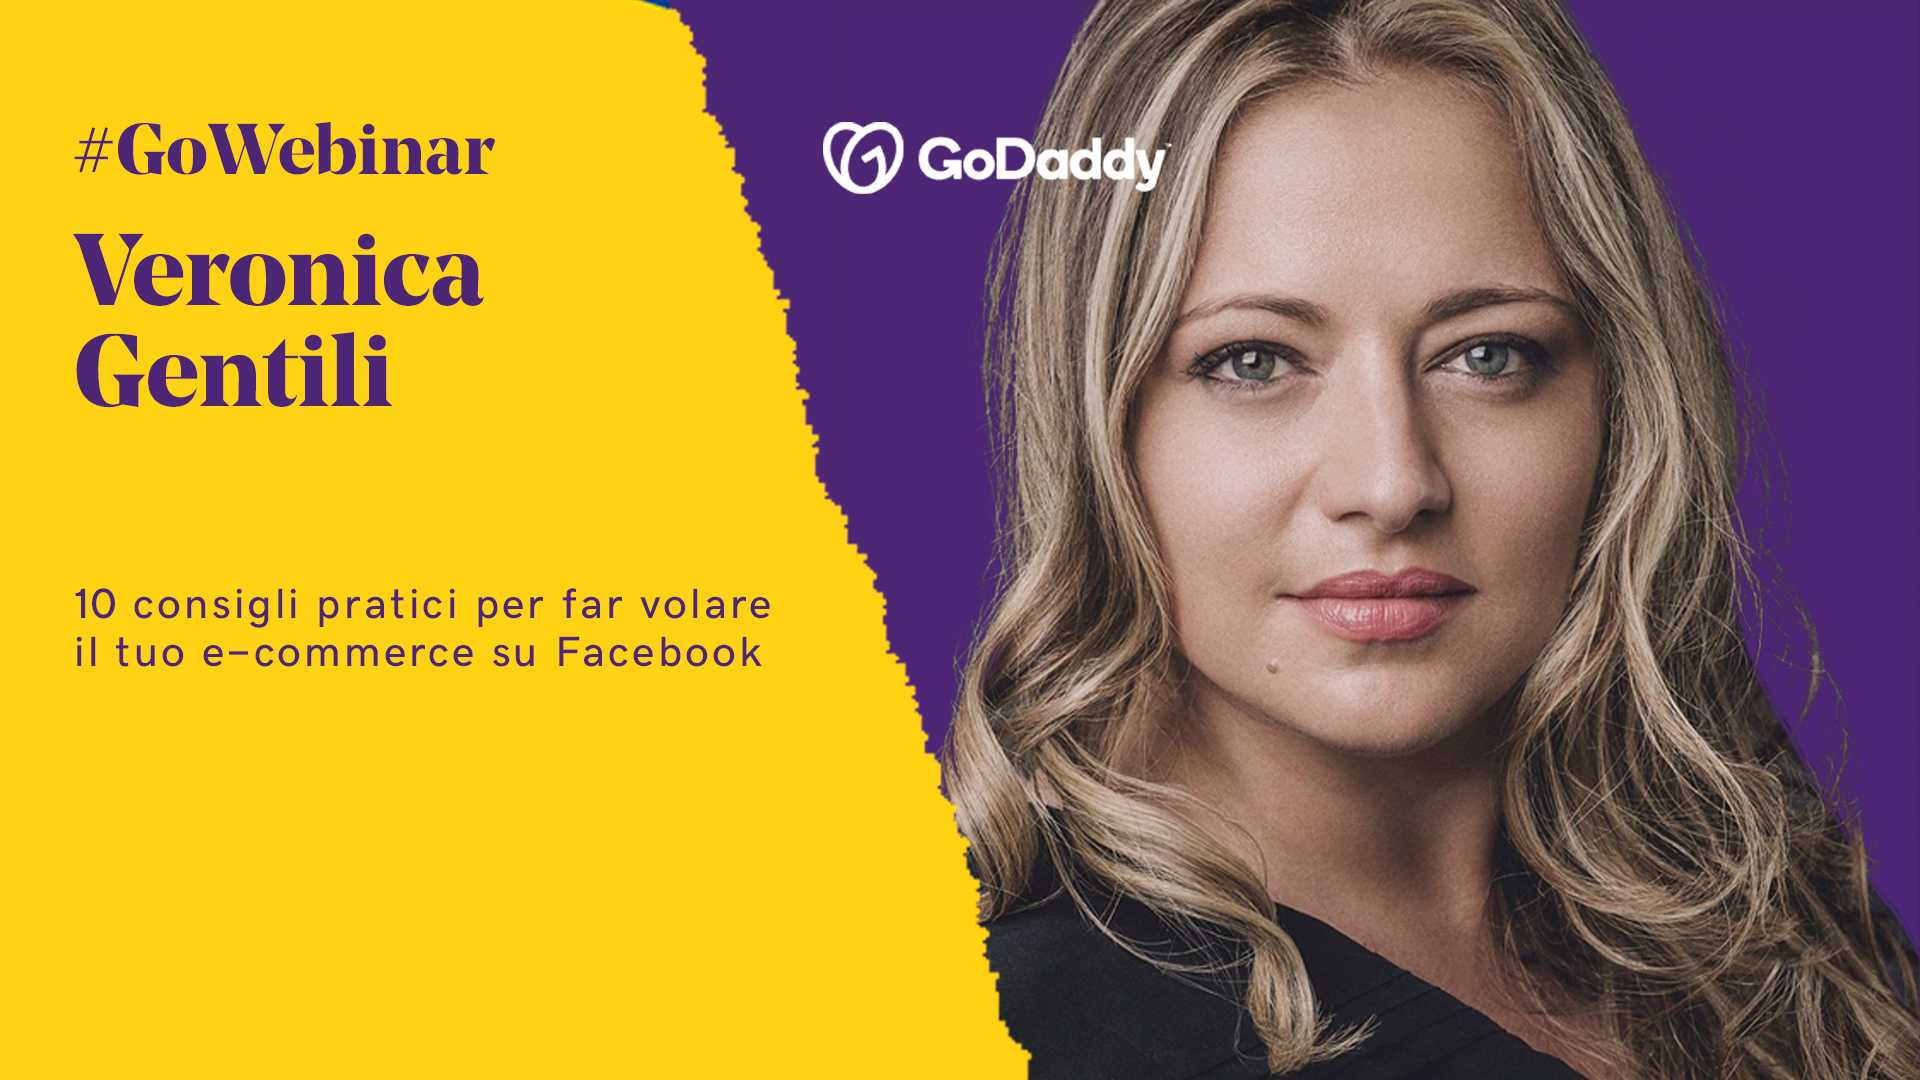 veronica-gentili-webinar-ecommerce-su-facebook